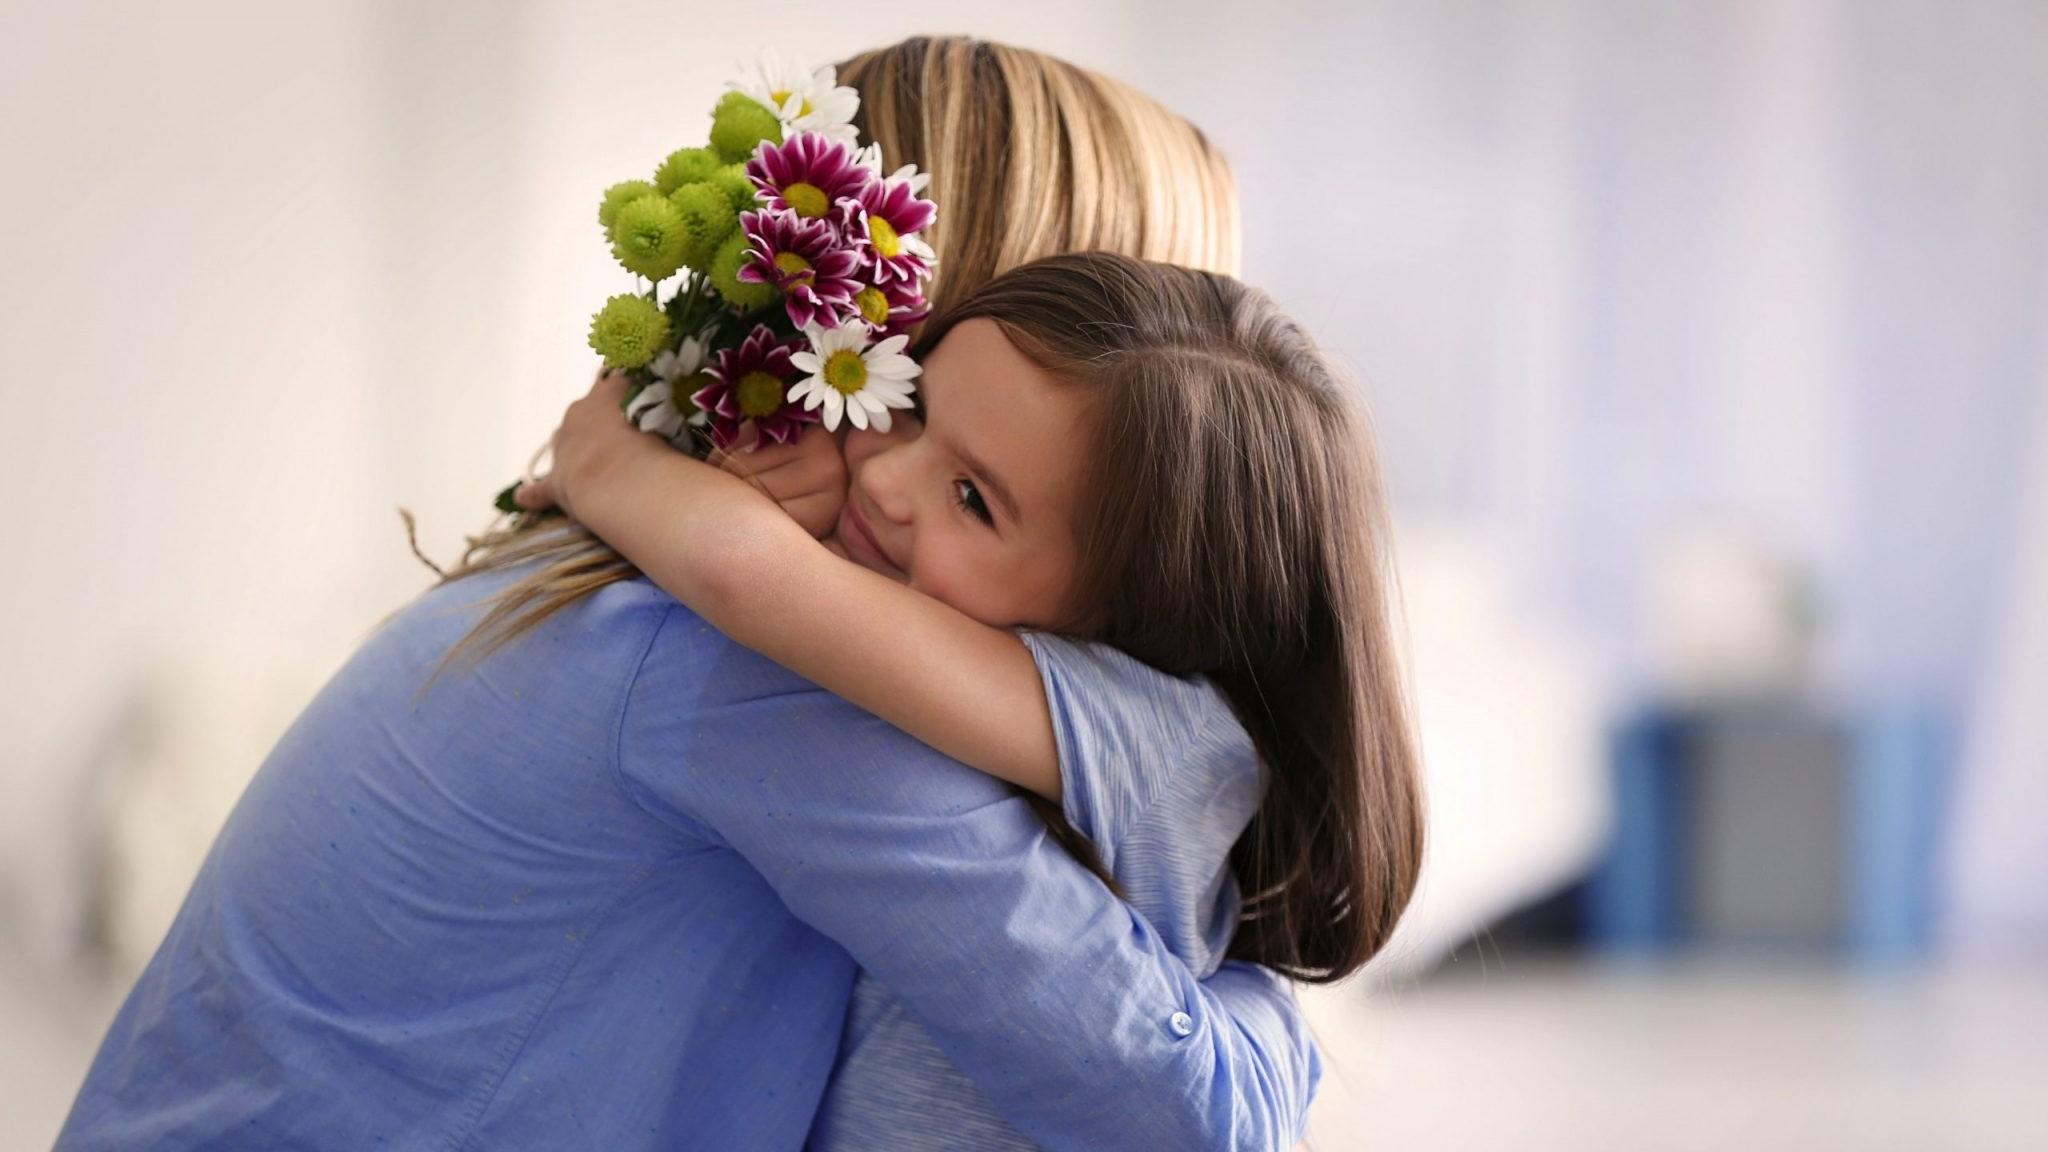 anneler günü ne zaman anneler günü hediyesi anneler günü mesajı anneler günü şiiri anneler günü hangi gün anneler günü sözleri anneler günü tarihi